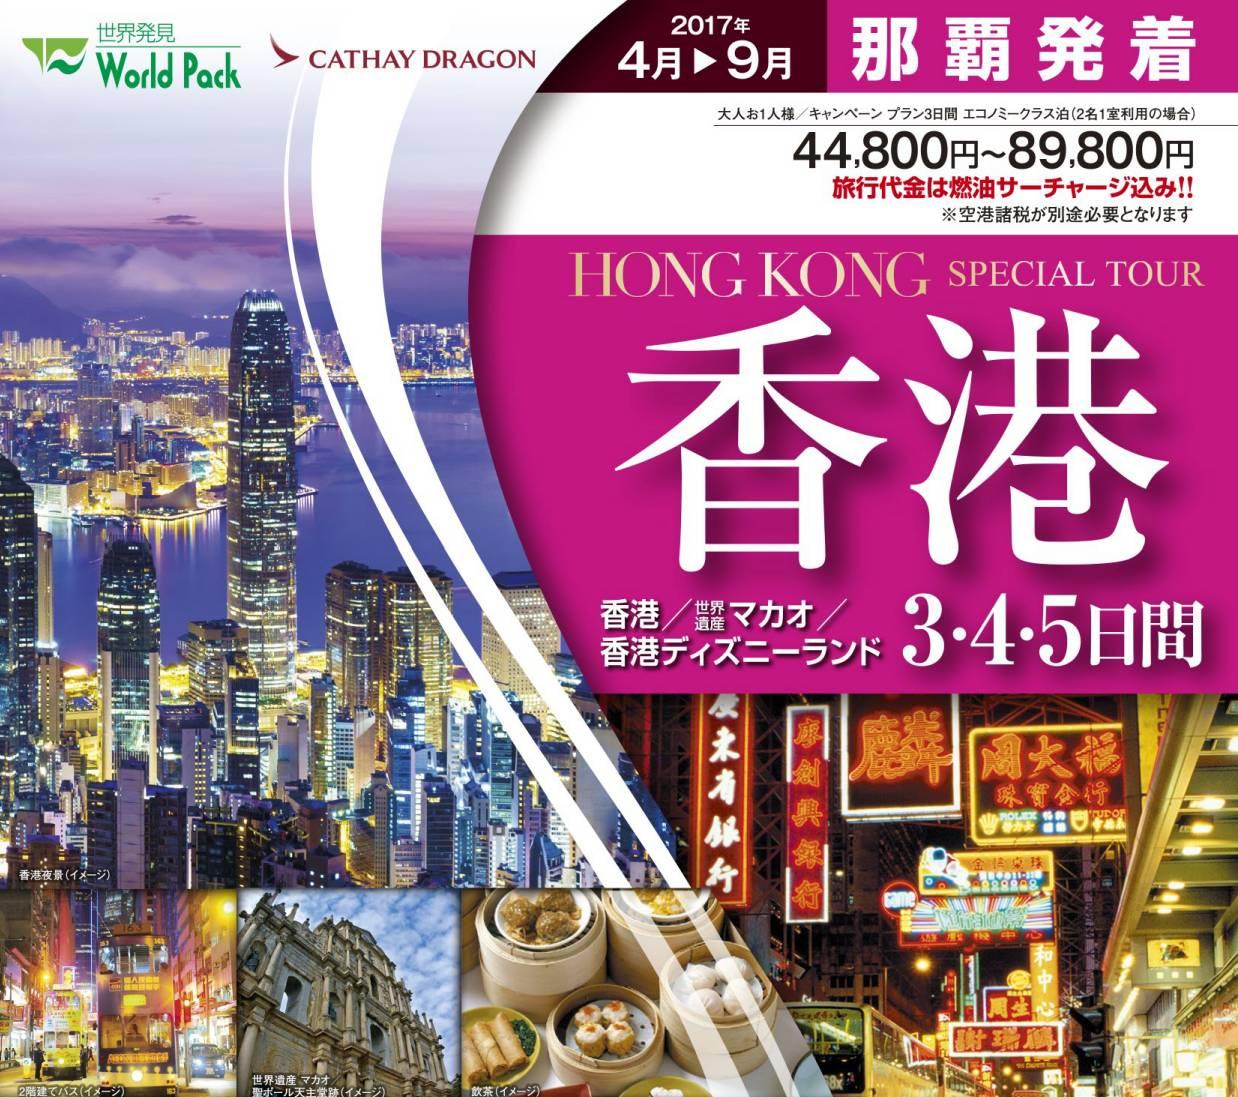 香港 3・4・5日間 17年4月~17年9月 那覇発 香港ツアー